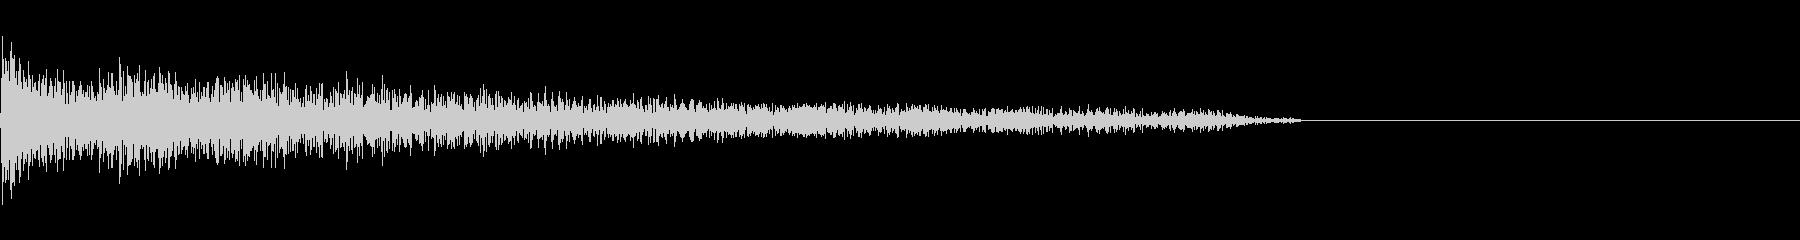 昇順と降順の細長いギター弦スライド。の未再生の波形